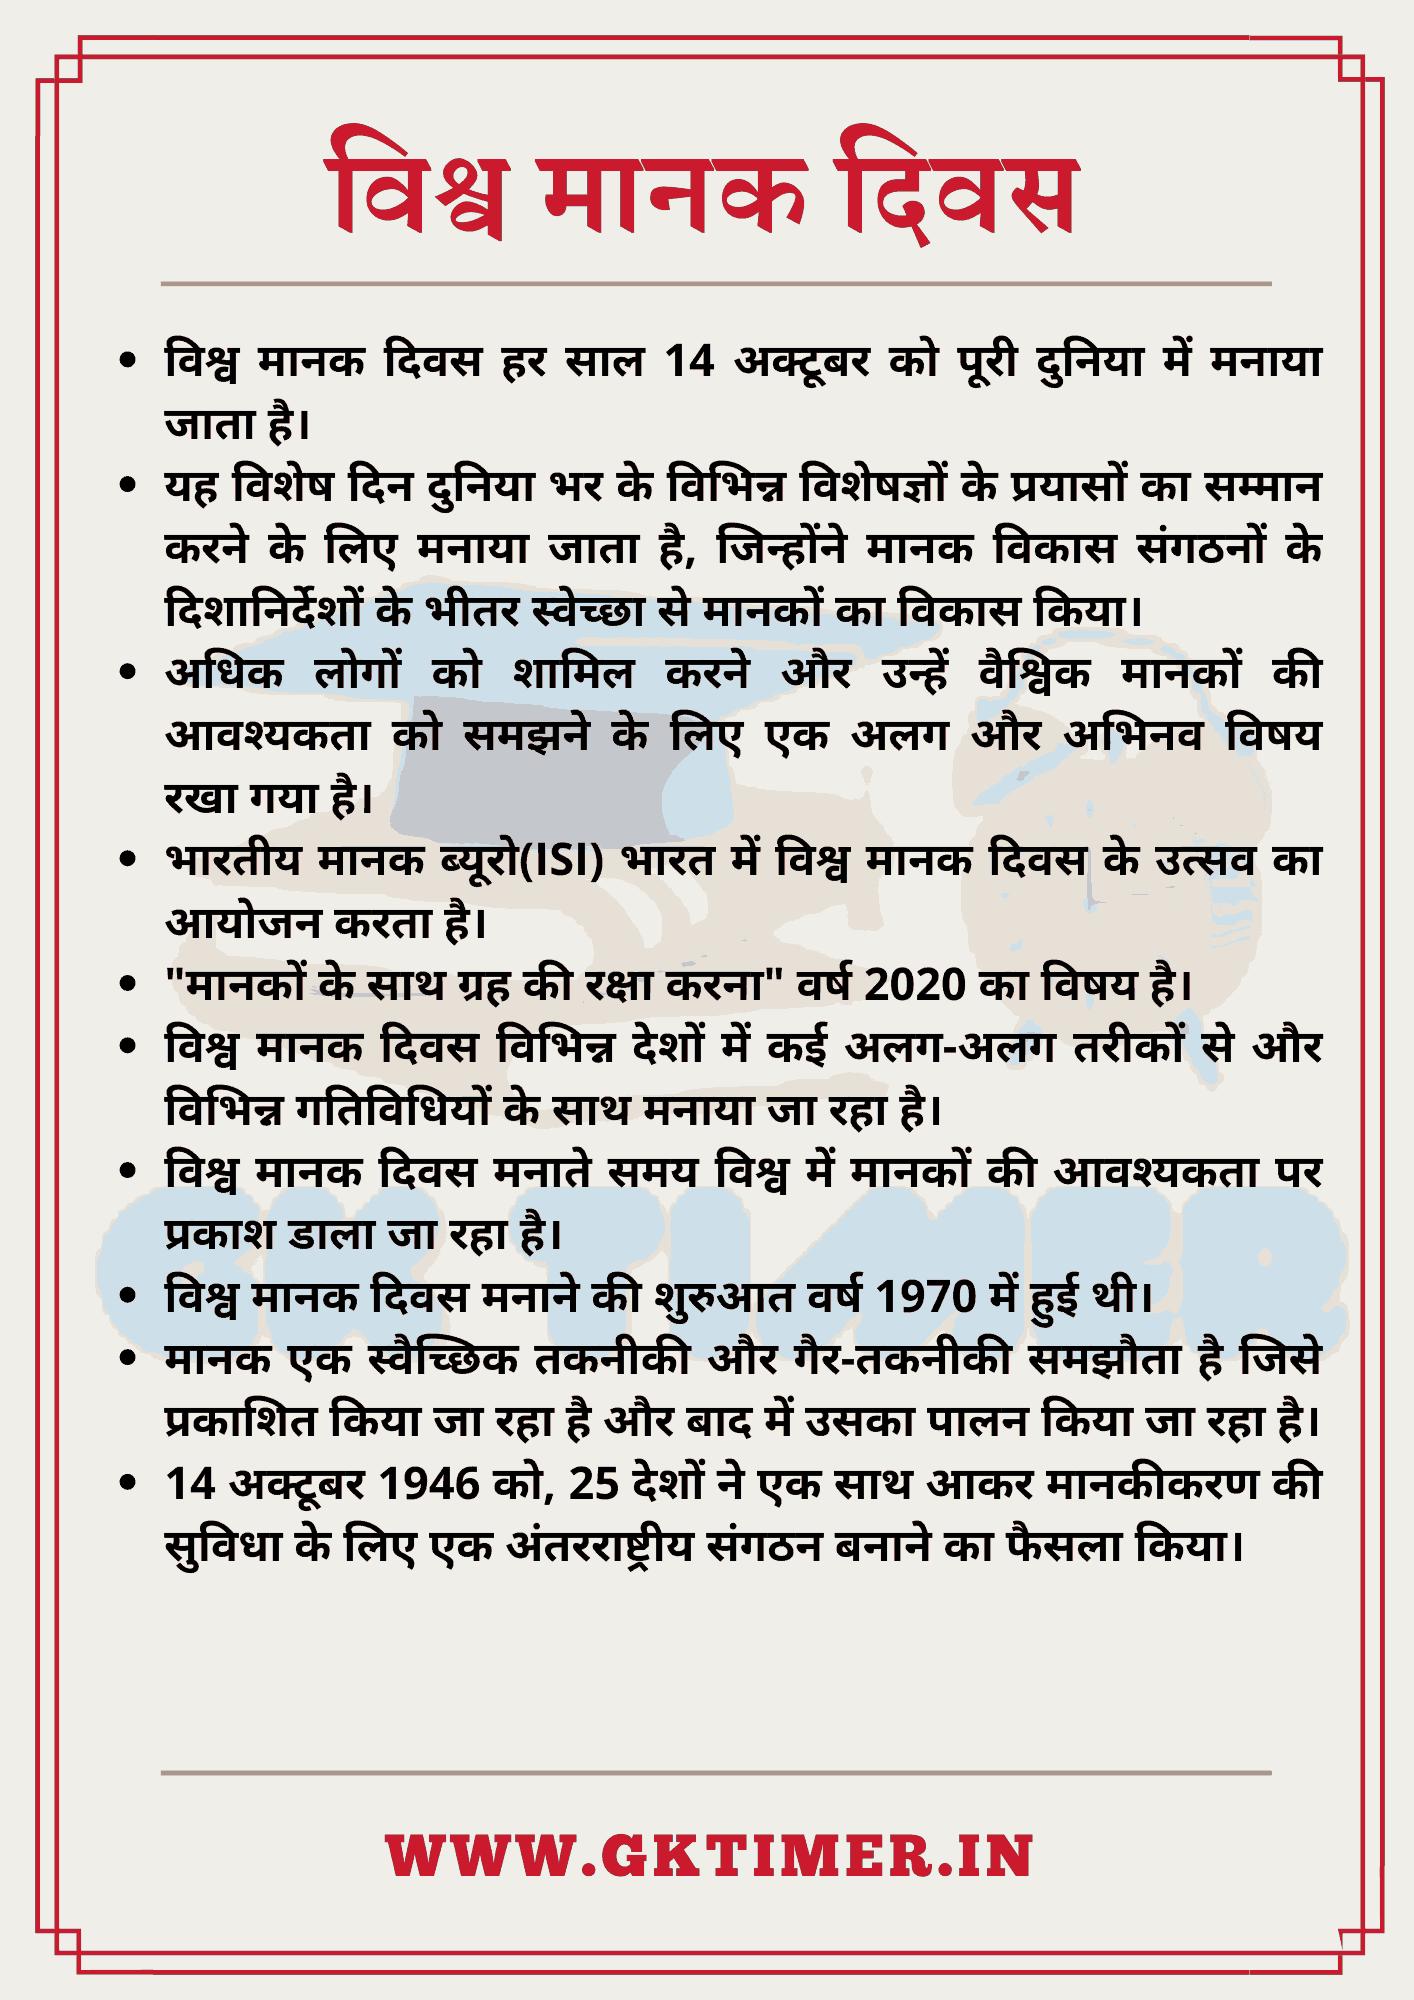 विश्व मानक दिवस पर निबंध | Essay on World Standards Day in Hindi | 10 Lines on World Standards Day in Hindi